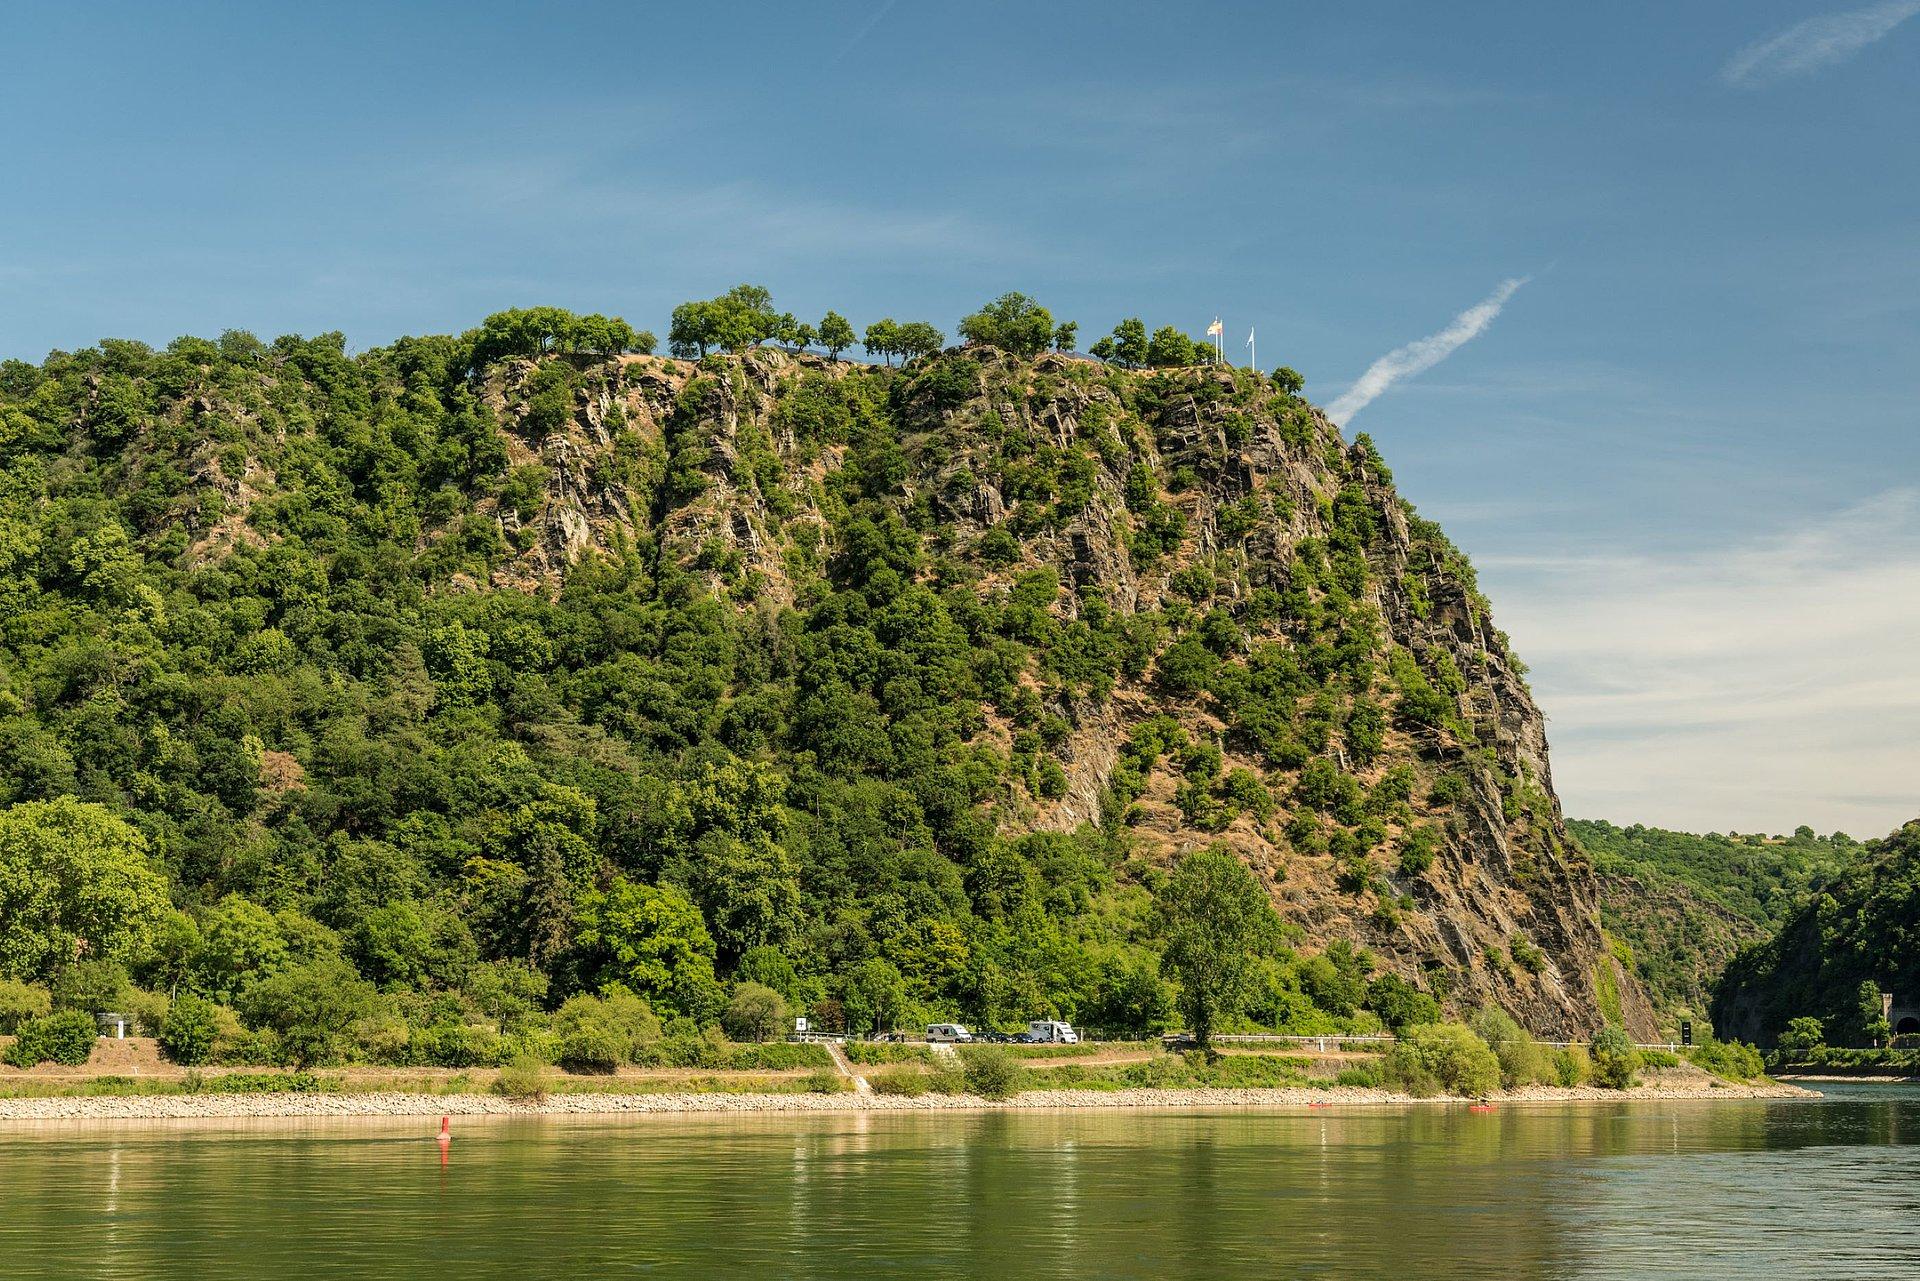 Loreley-Fels bei St. Goarshausen, Romantischer Rhein